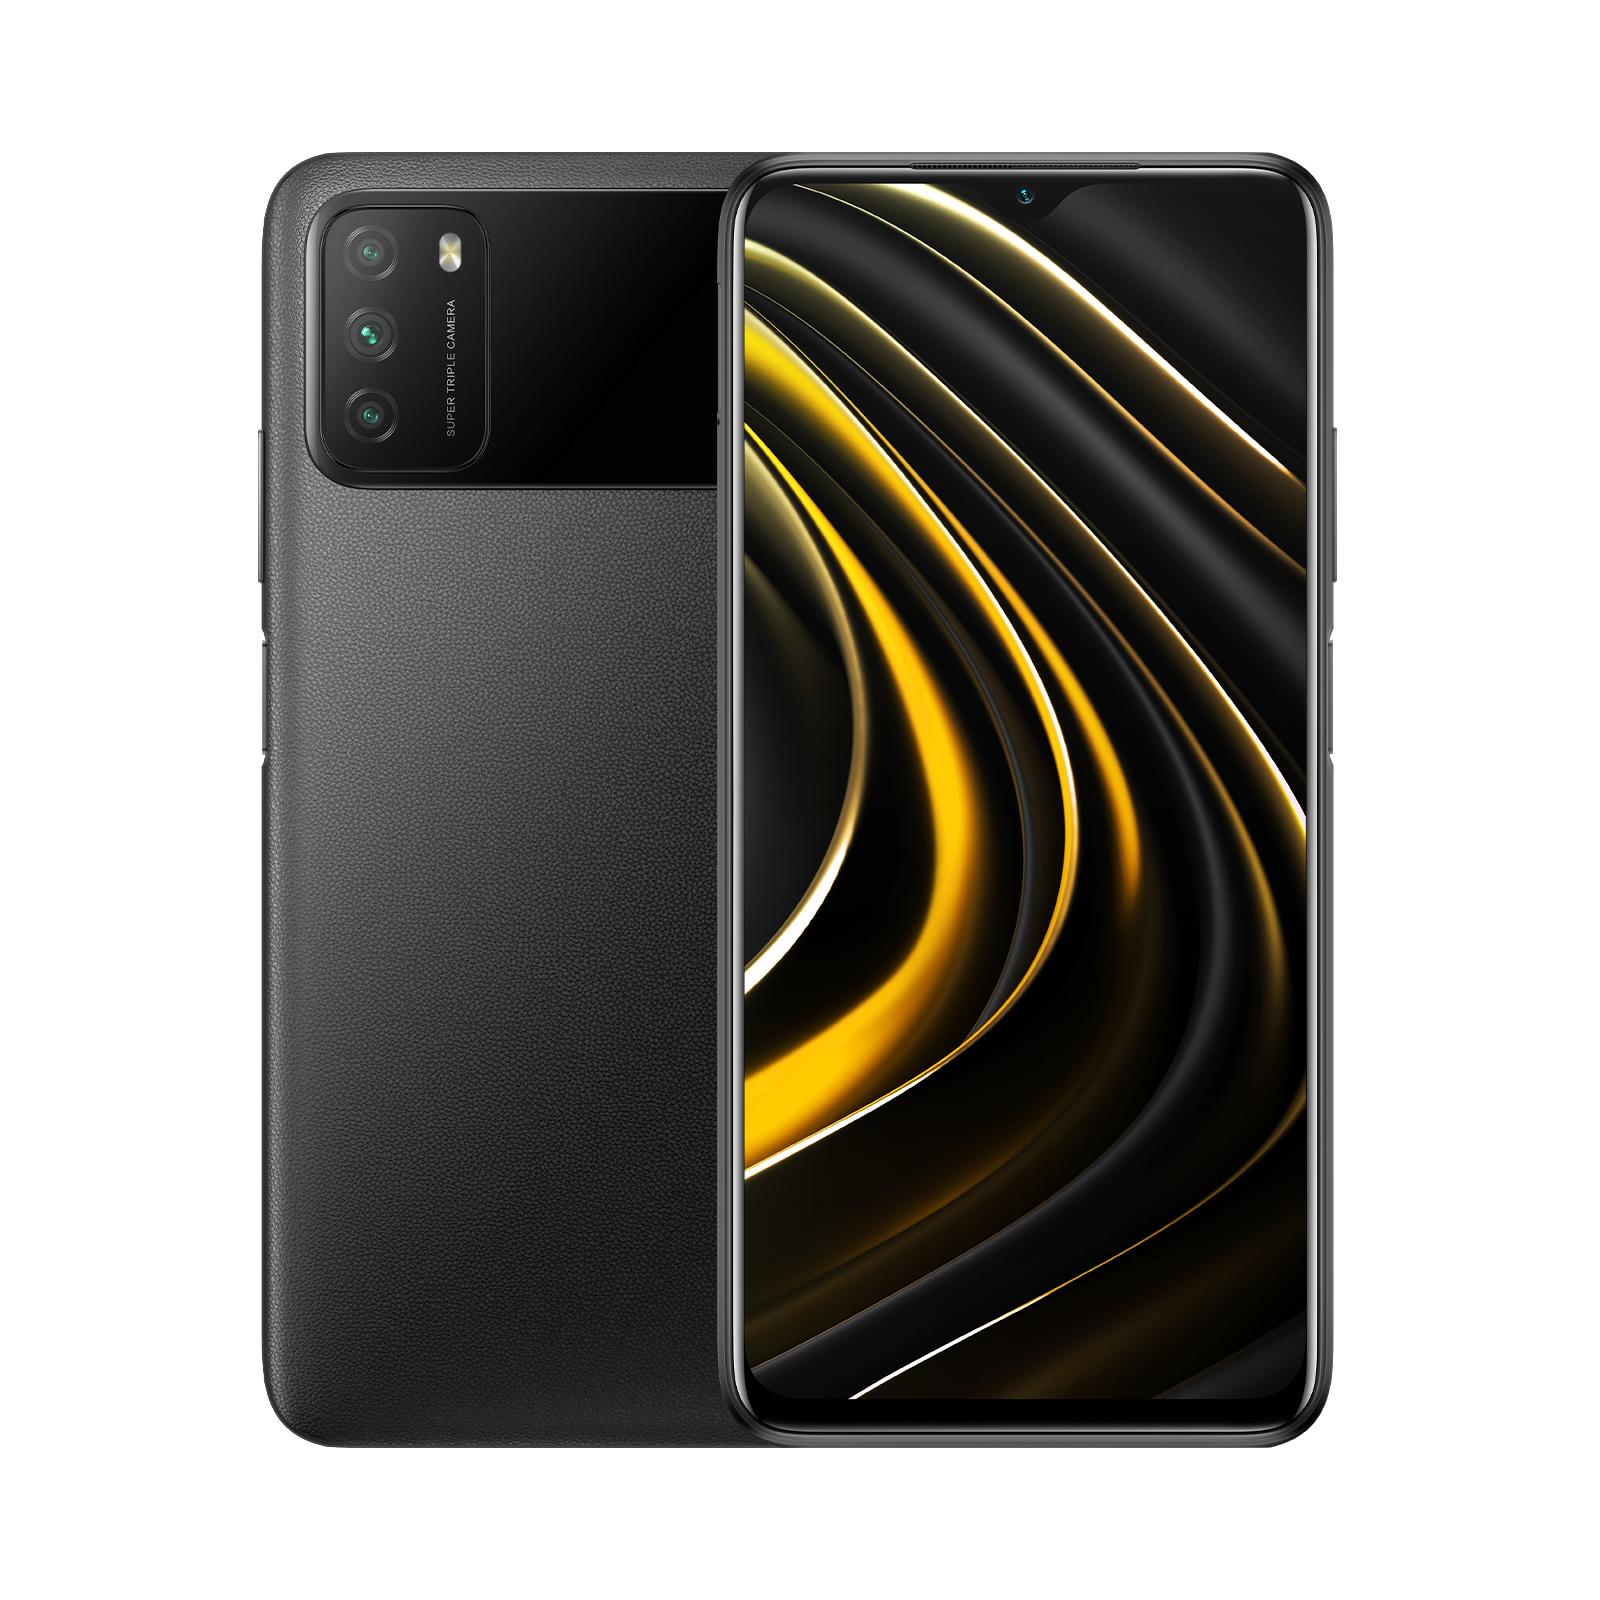 Smartphone Poco M3 - Noir, 64 Go, 4 Go de RAM